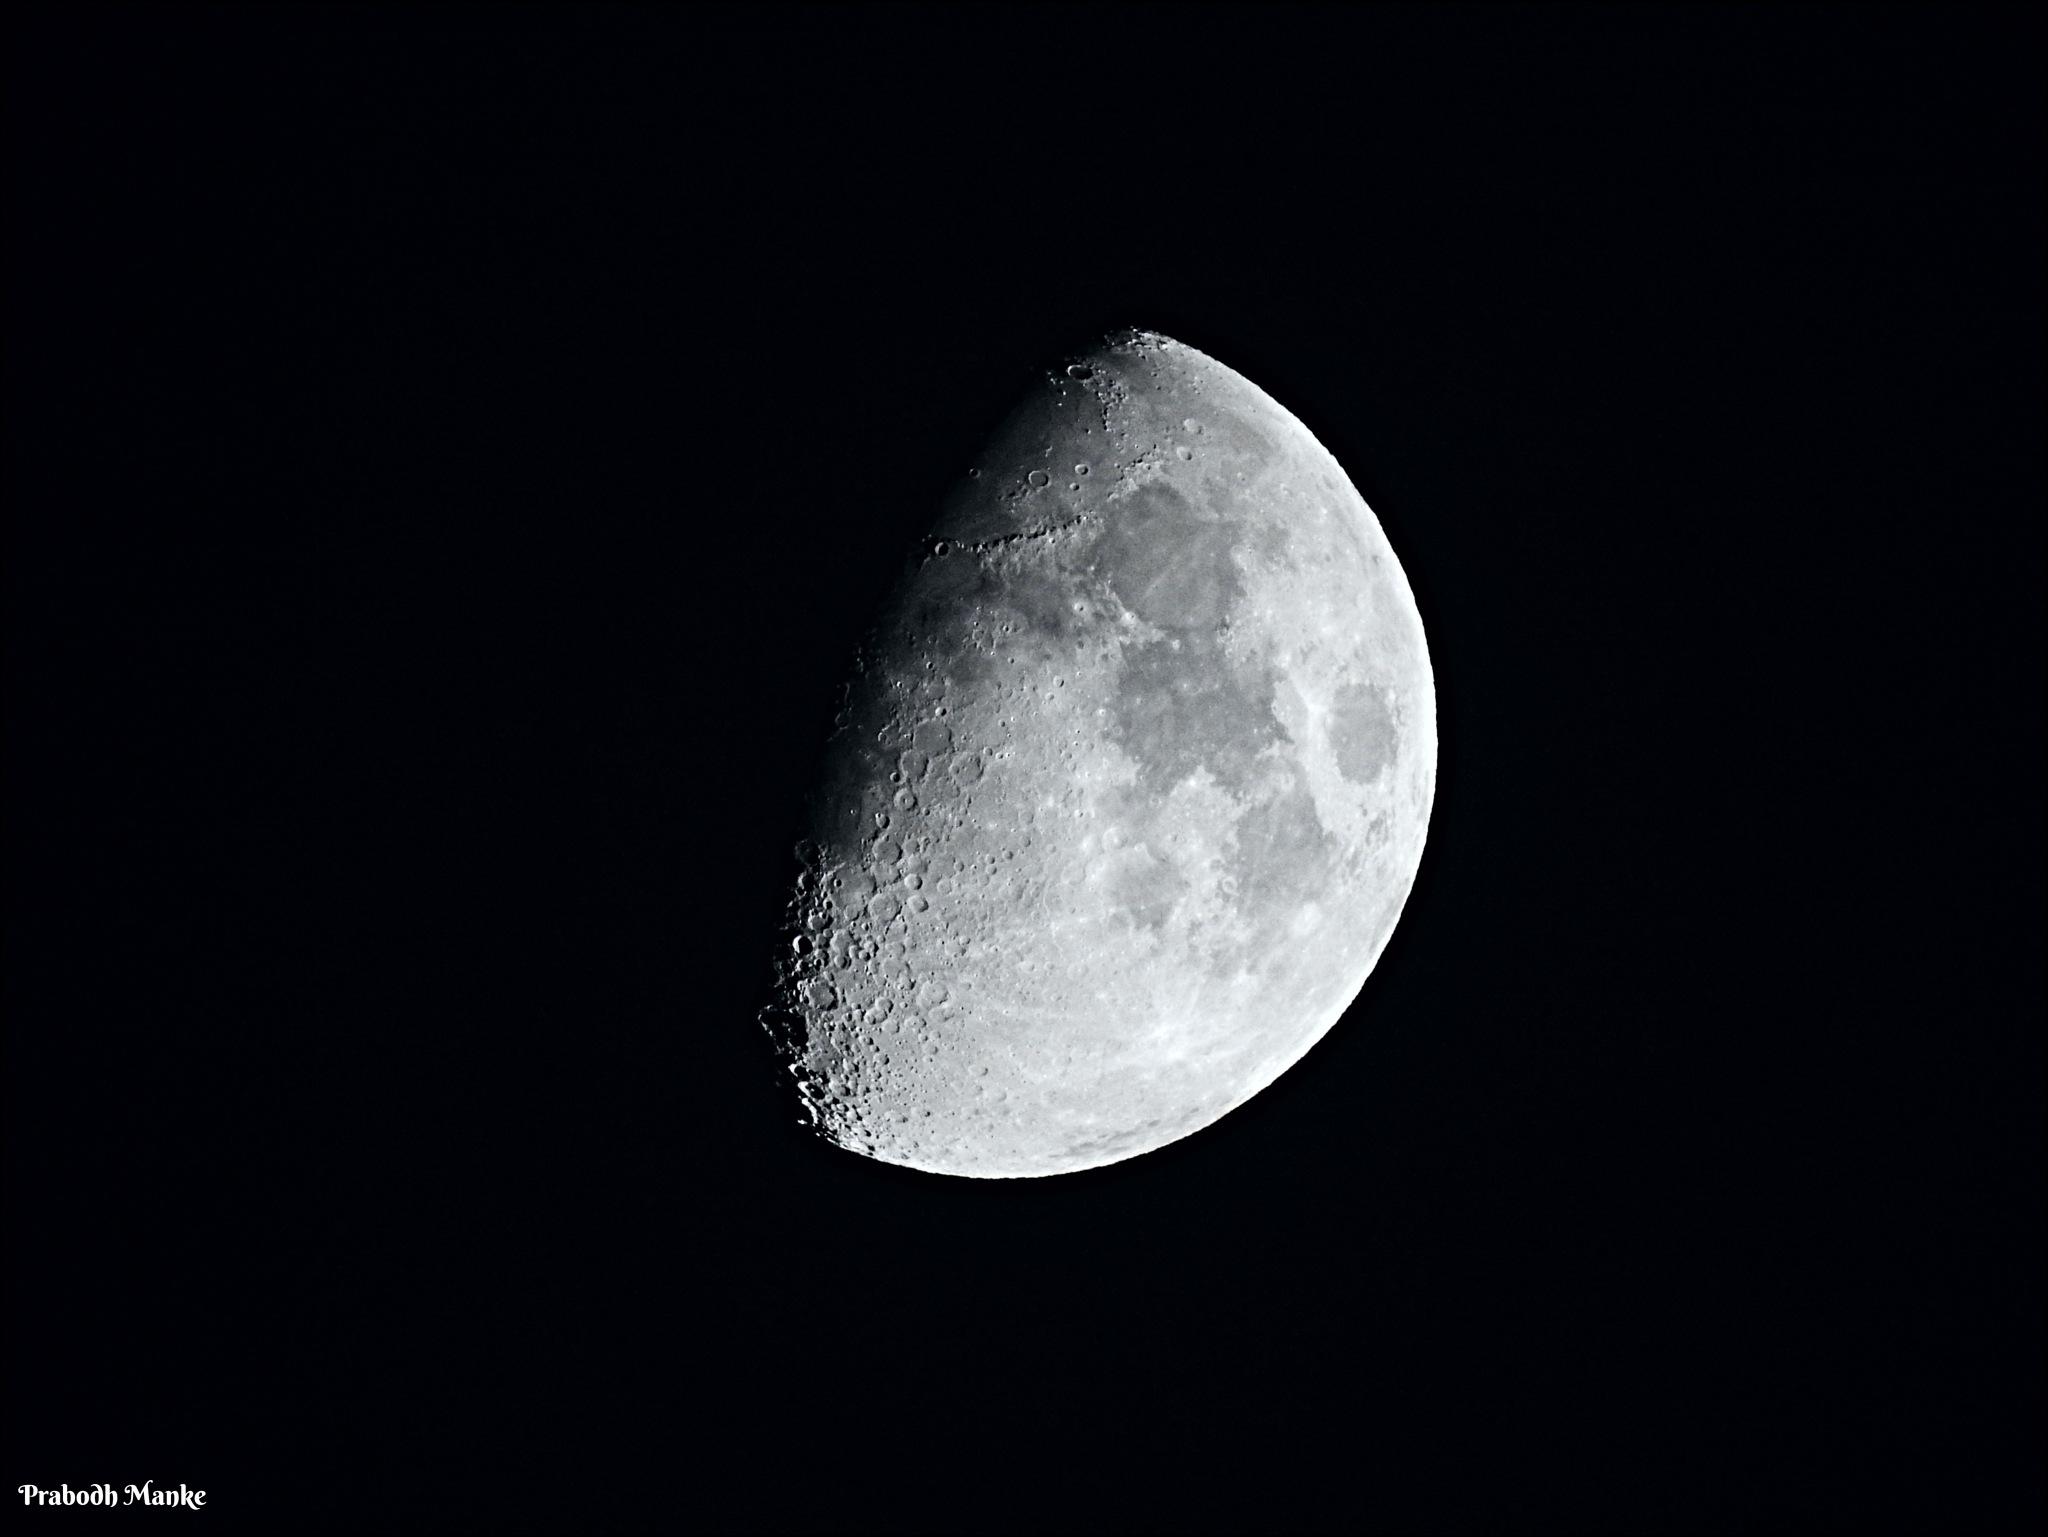 Shades of Moon ... by Prabodh